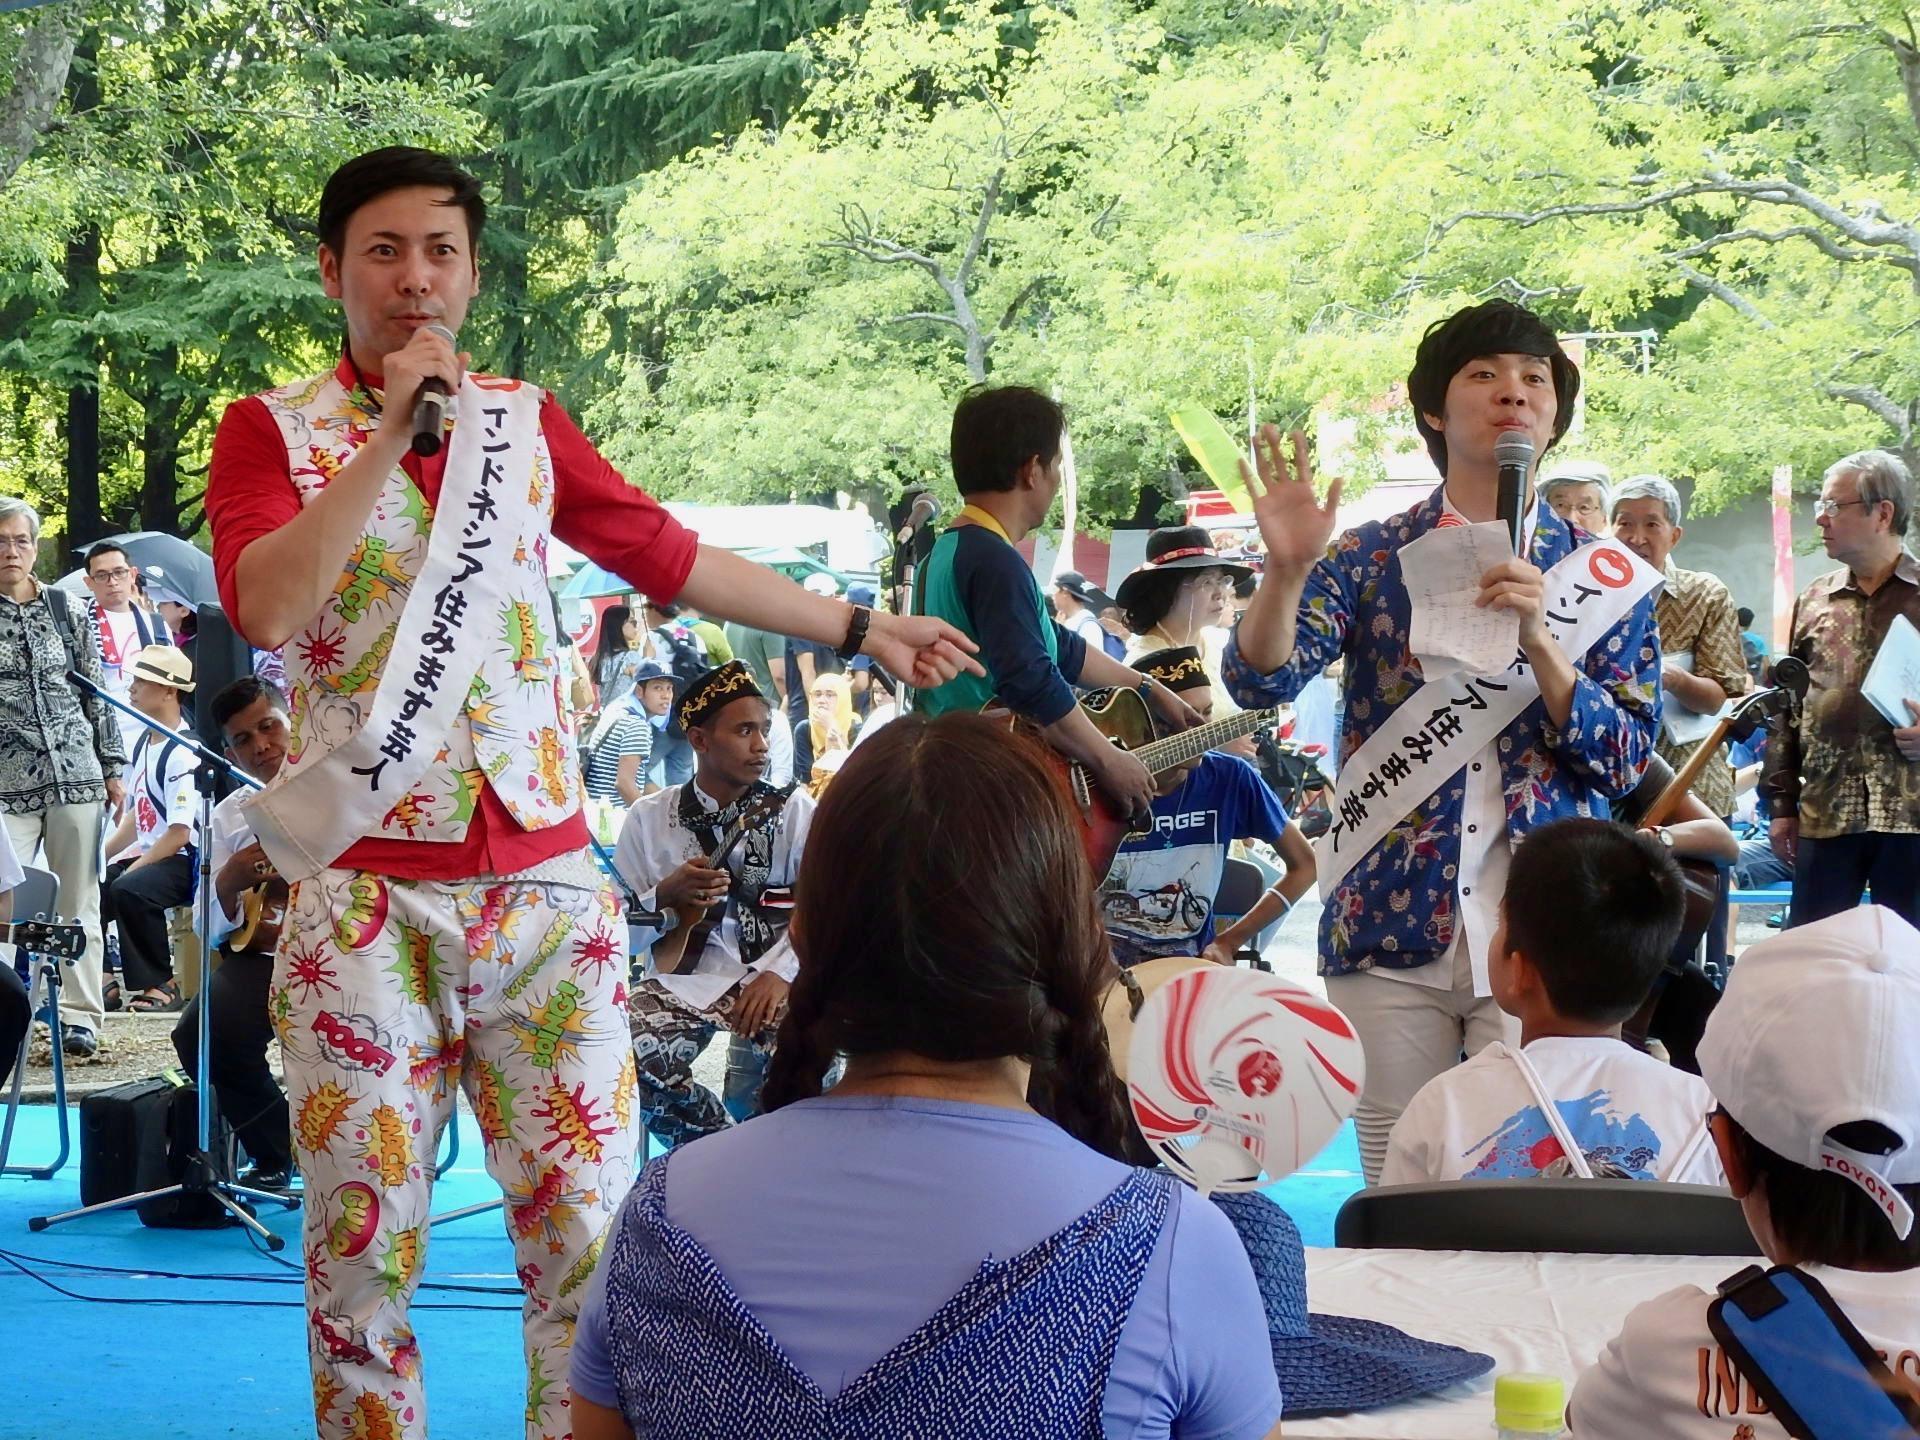 http://news.yoshimoto.co.jp/20180731170710-6ce9282319bcb97594b348e0c29656342507afa8.jpg